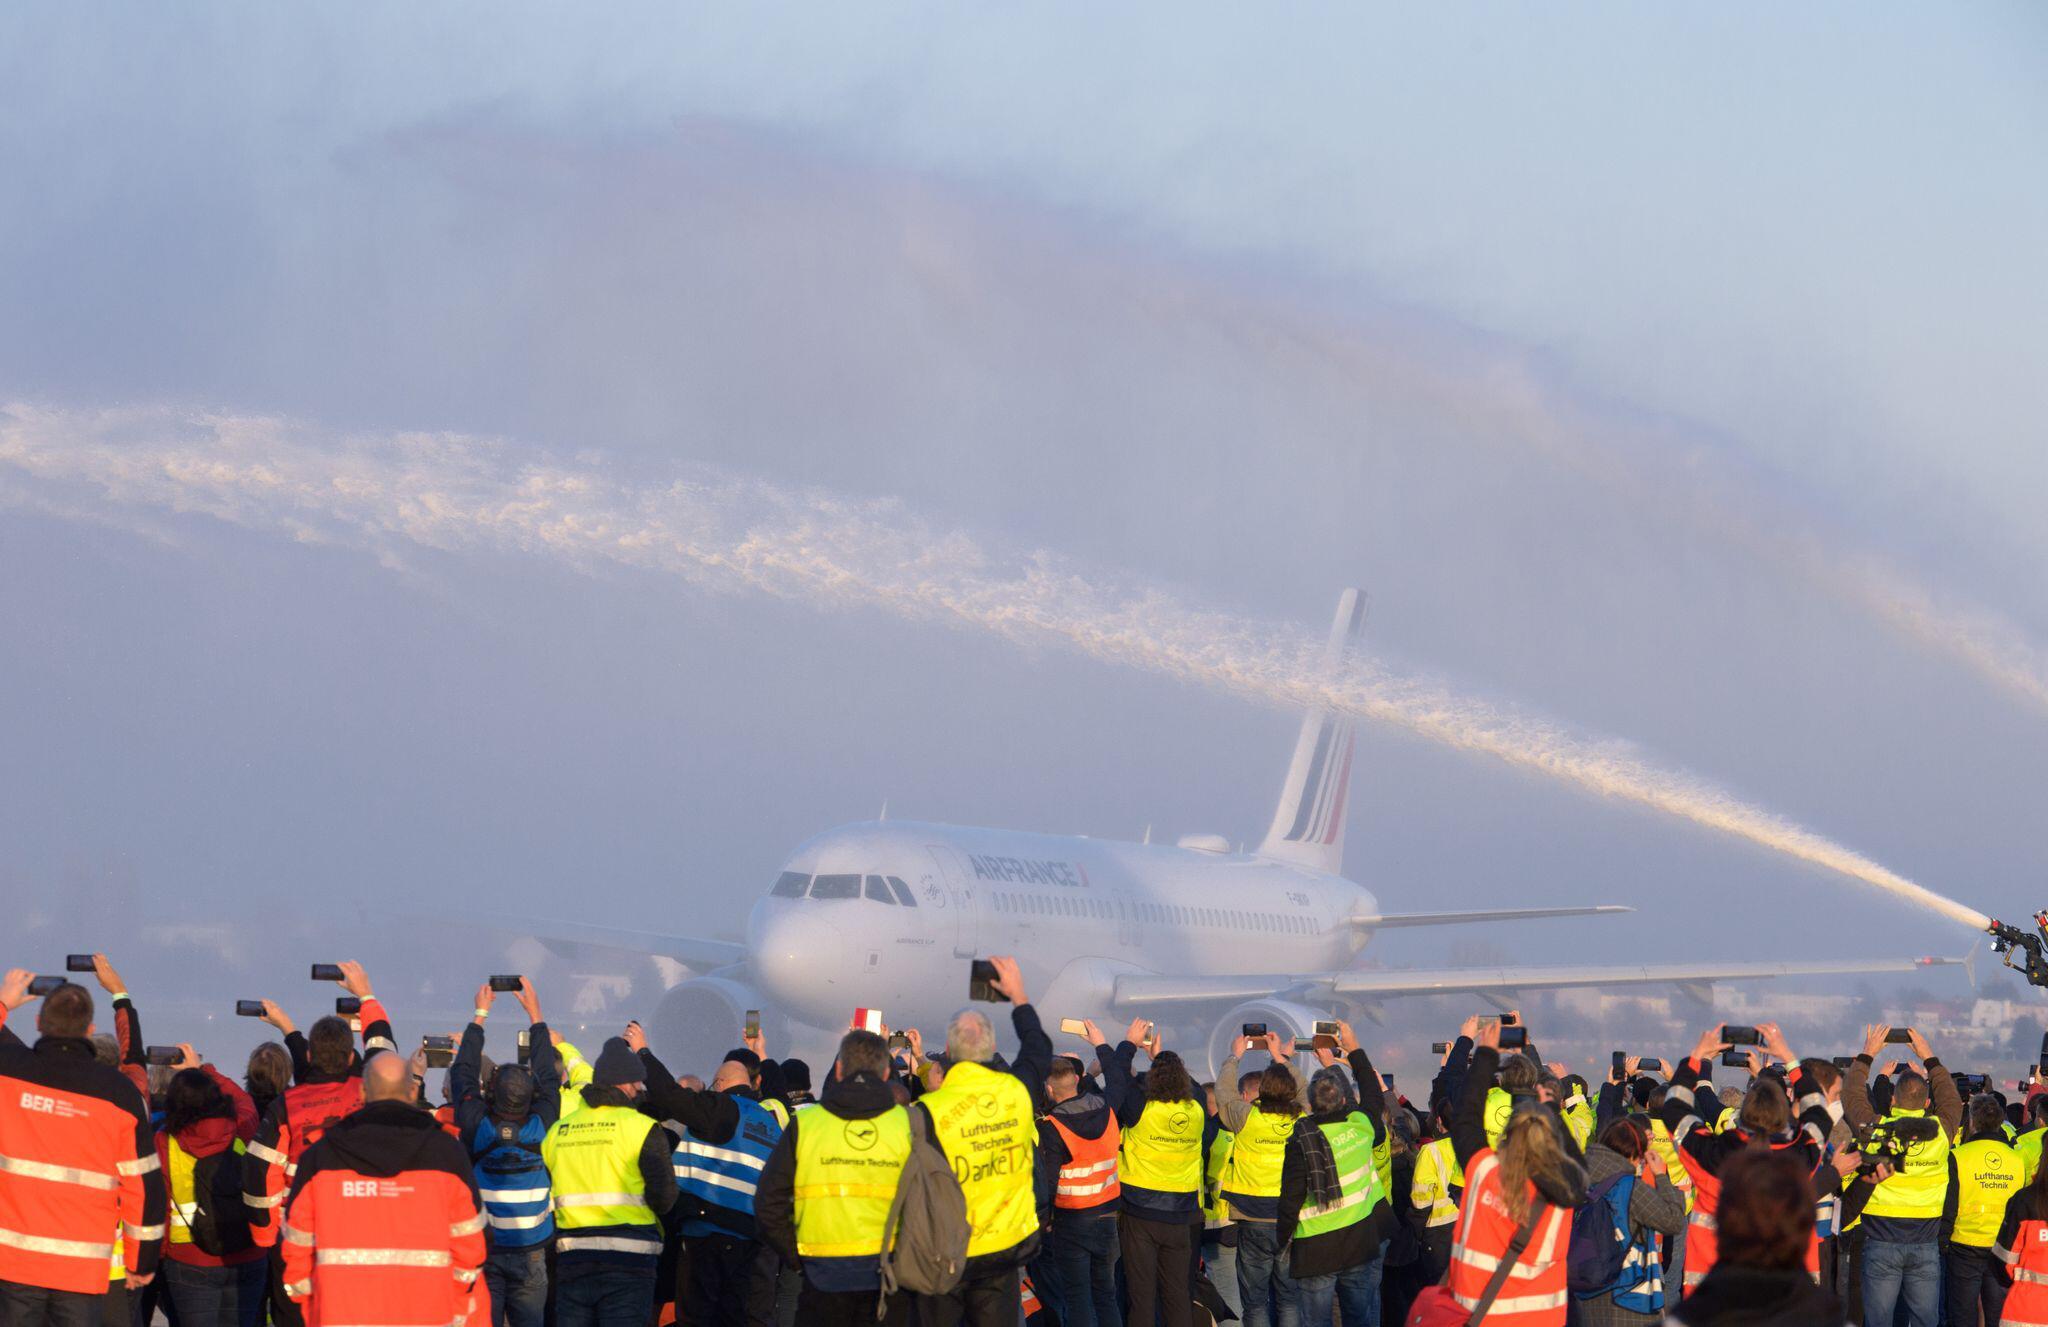 Bild zu Letztes Flugzeug startet von Tegel nach Paris